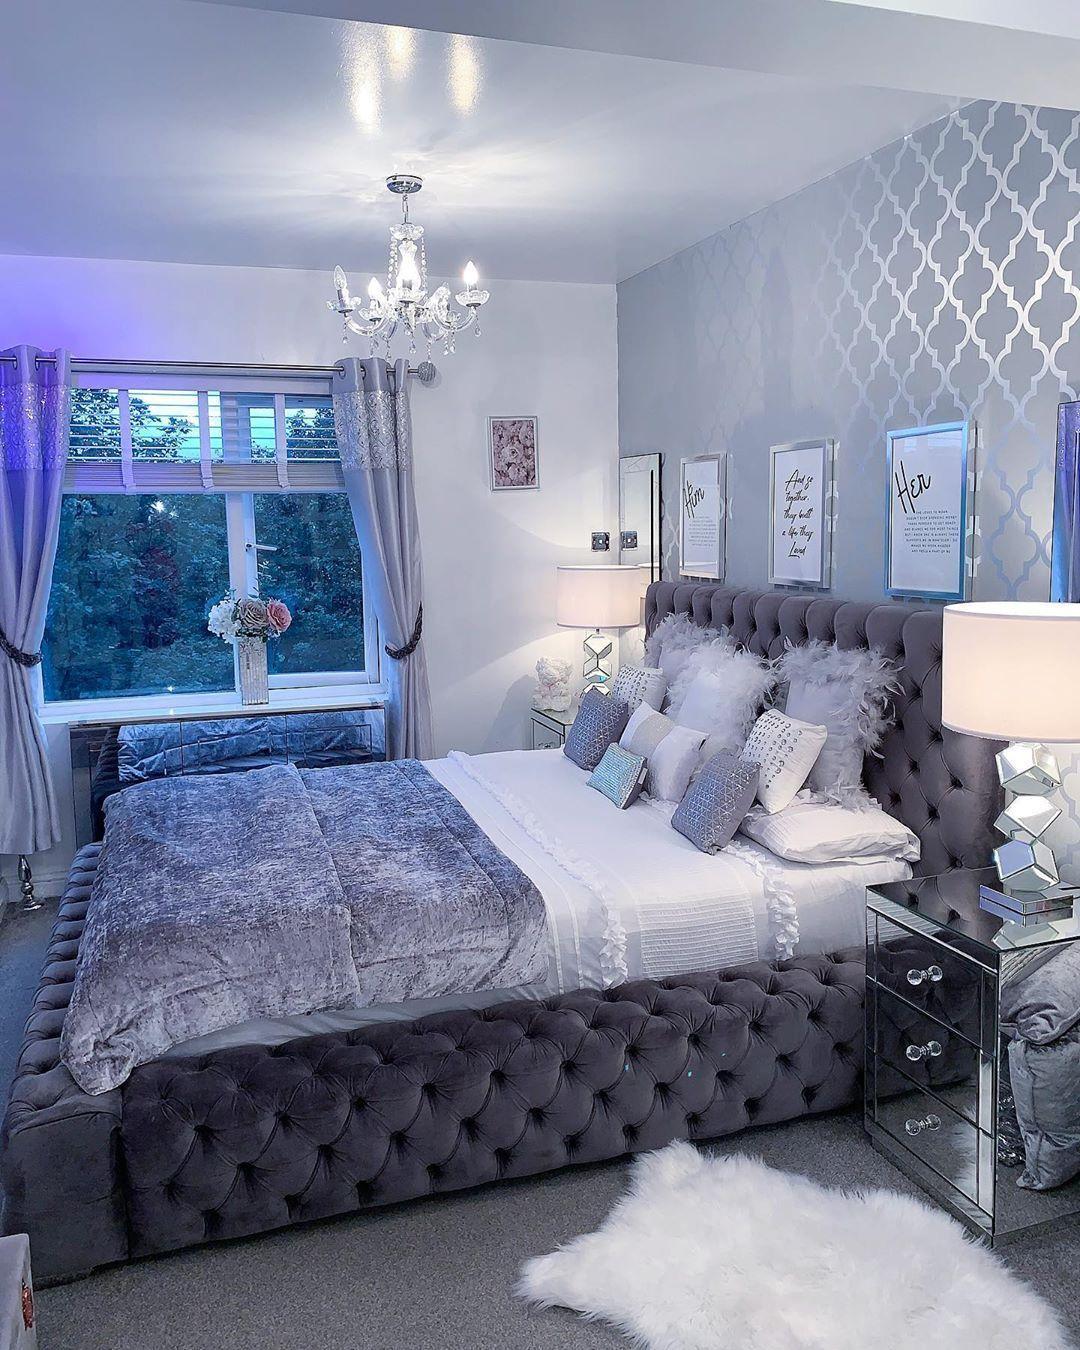 999 Best Bedroom Decoration Ideas Bedroom Decor Bedroomdesign Luxuri En 2020 Decoracion De Habitacion Azul Diseno De Habitacion Femenina Decoraciones De Dormitorio